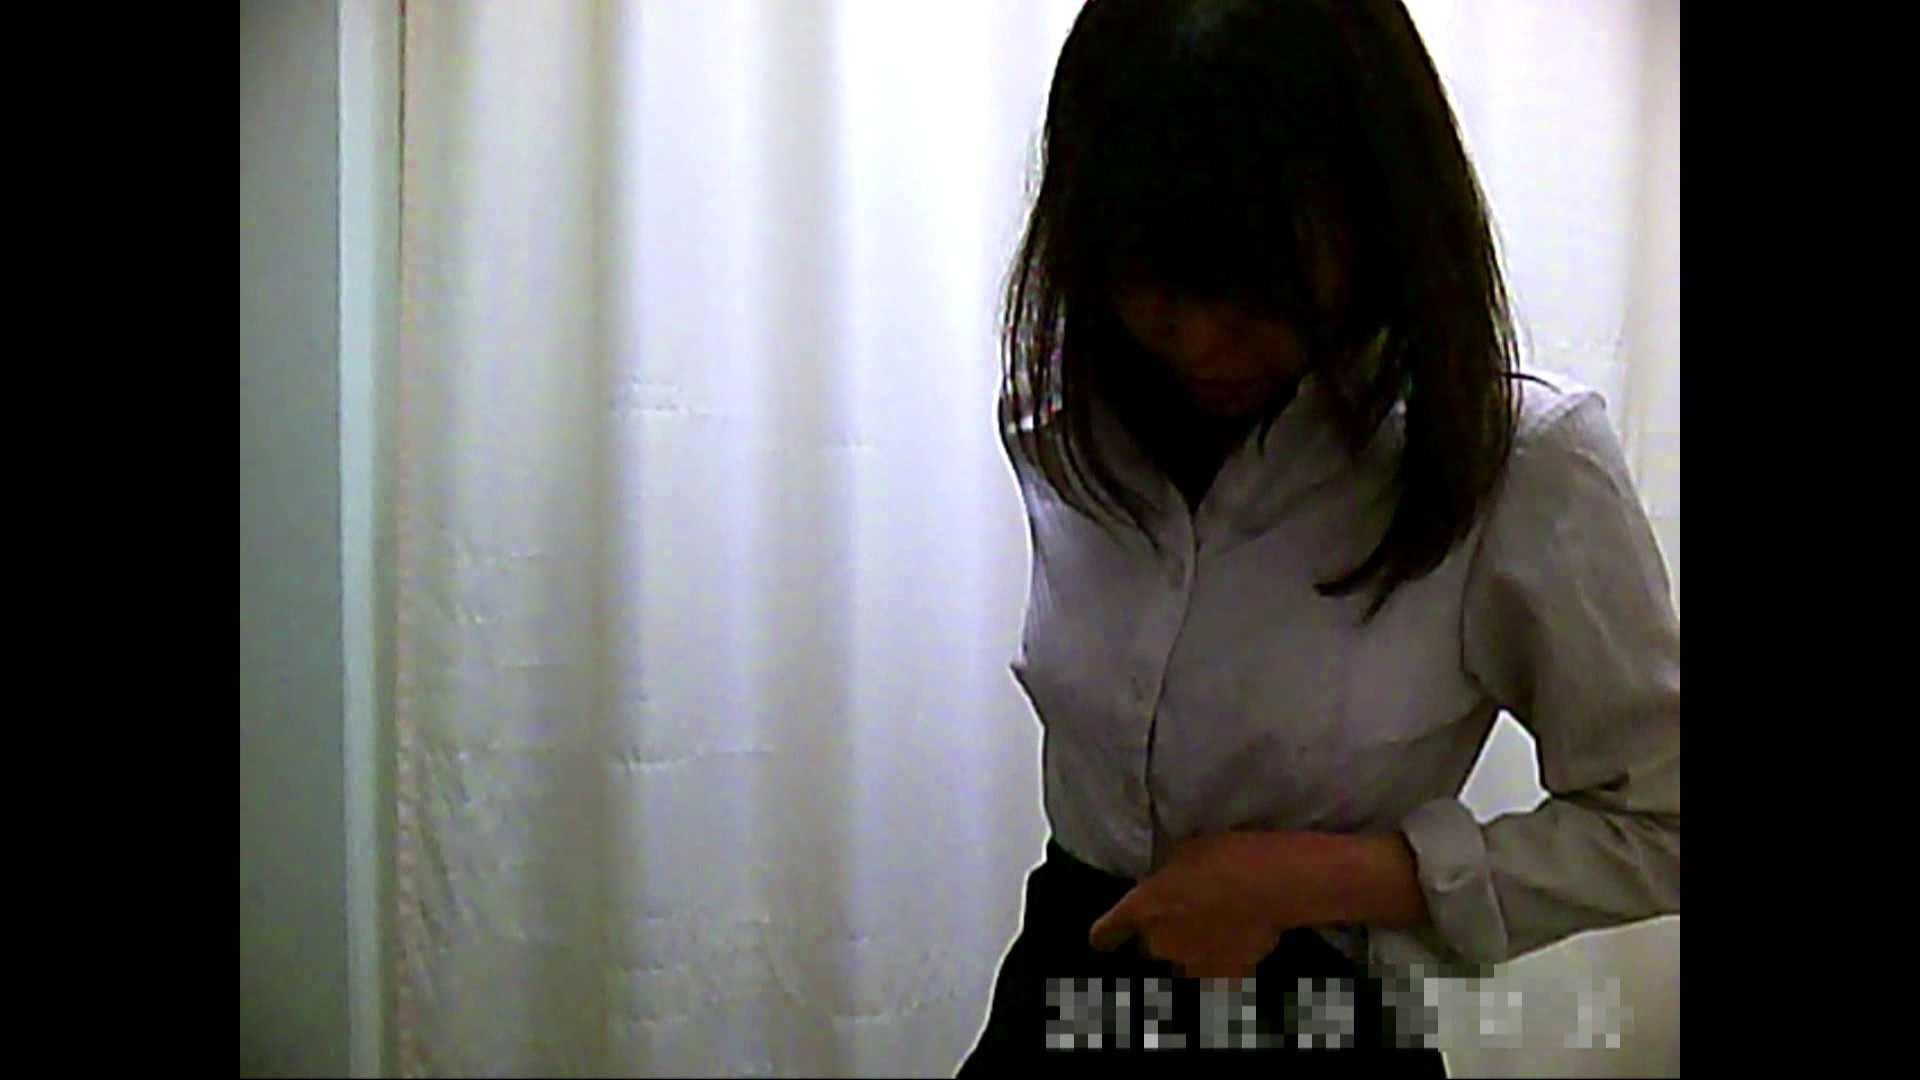 元医者による反抗 更衣室地獄絵巻 vol.001 ギャル攻め  68画像 24